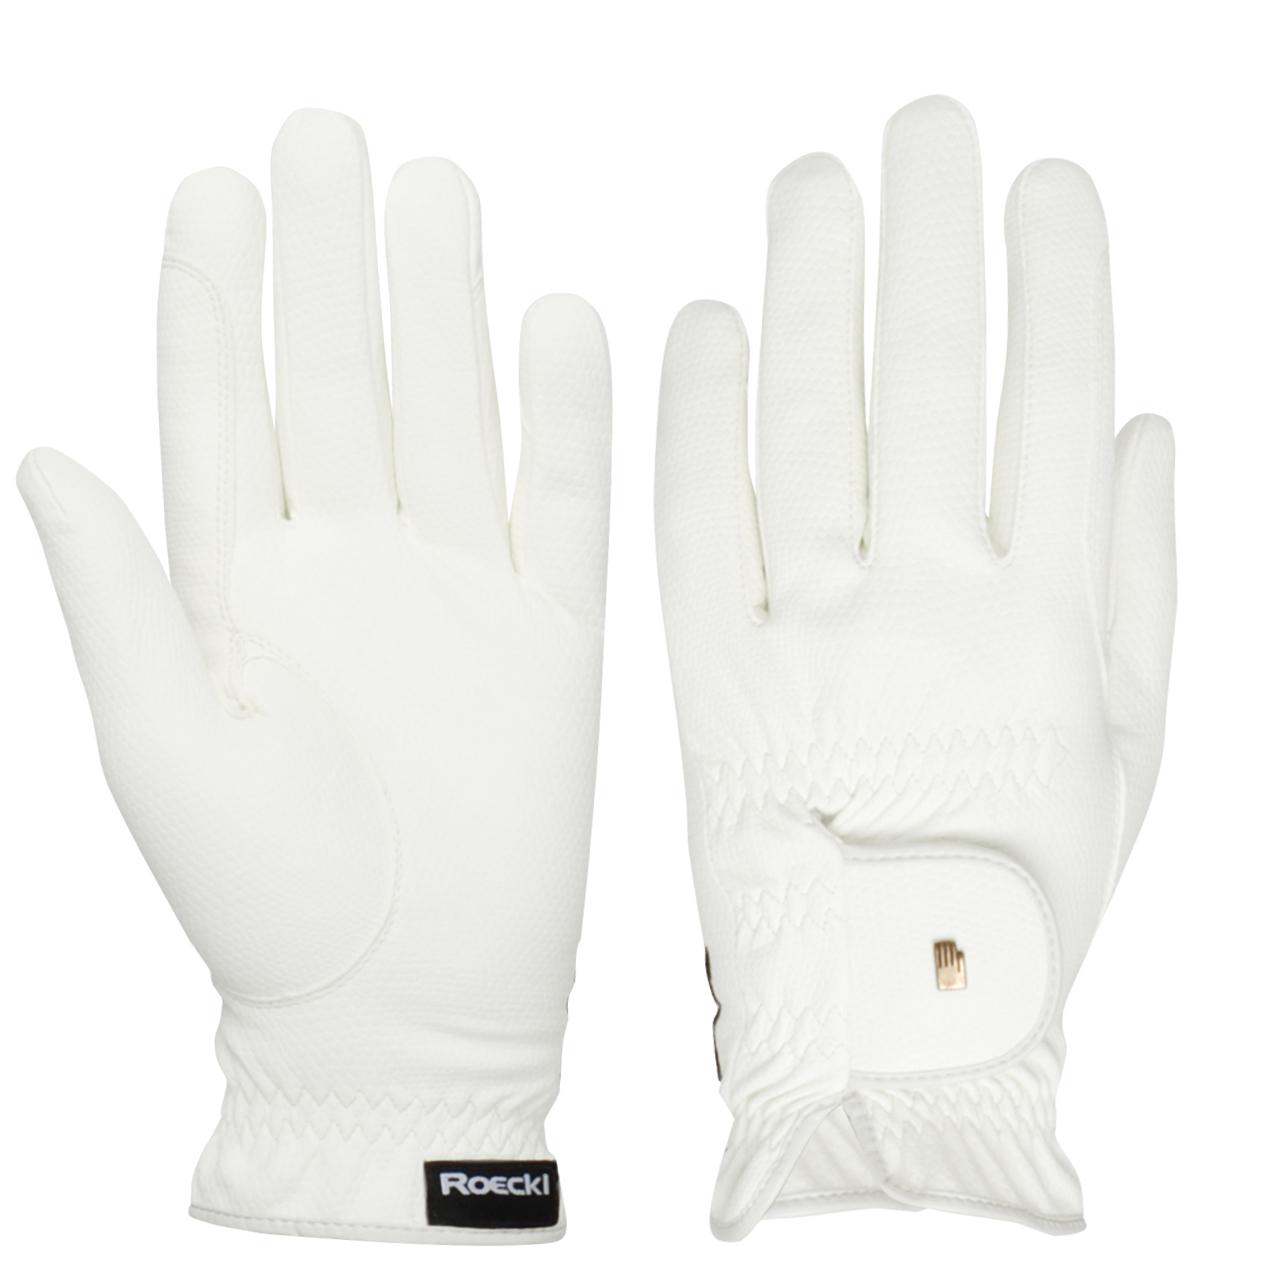 Roeckl Roeck grip Handschoen wit maat:9